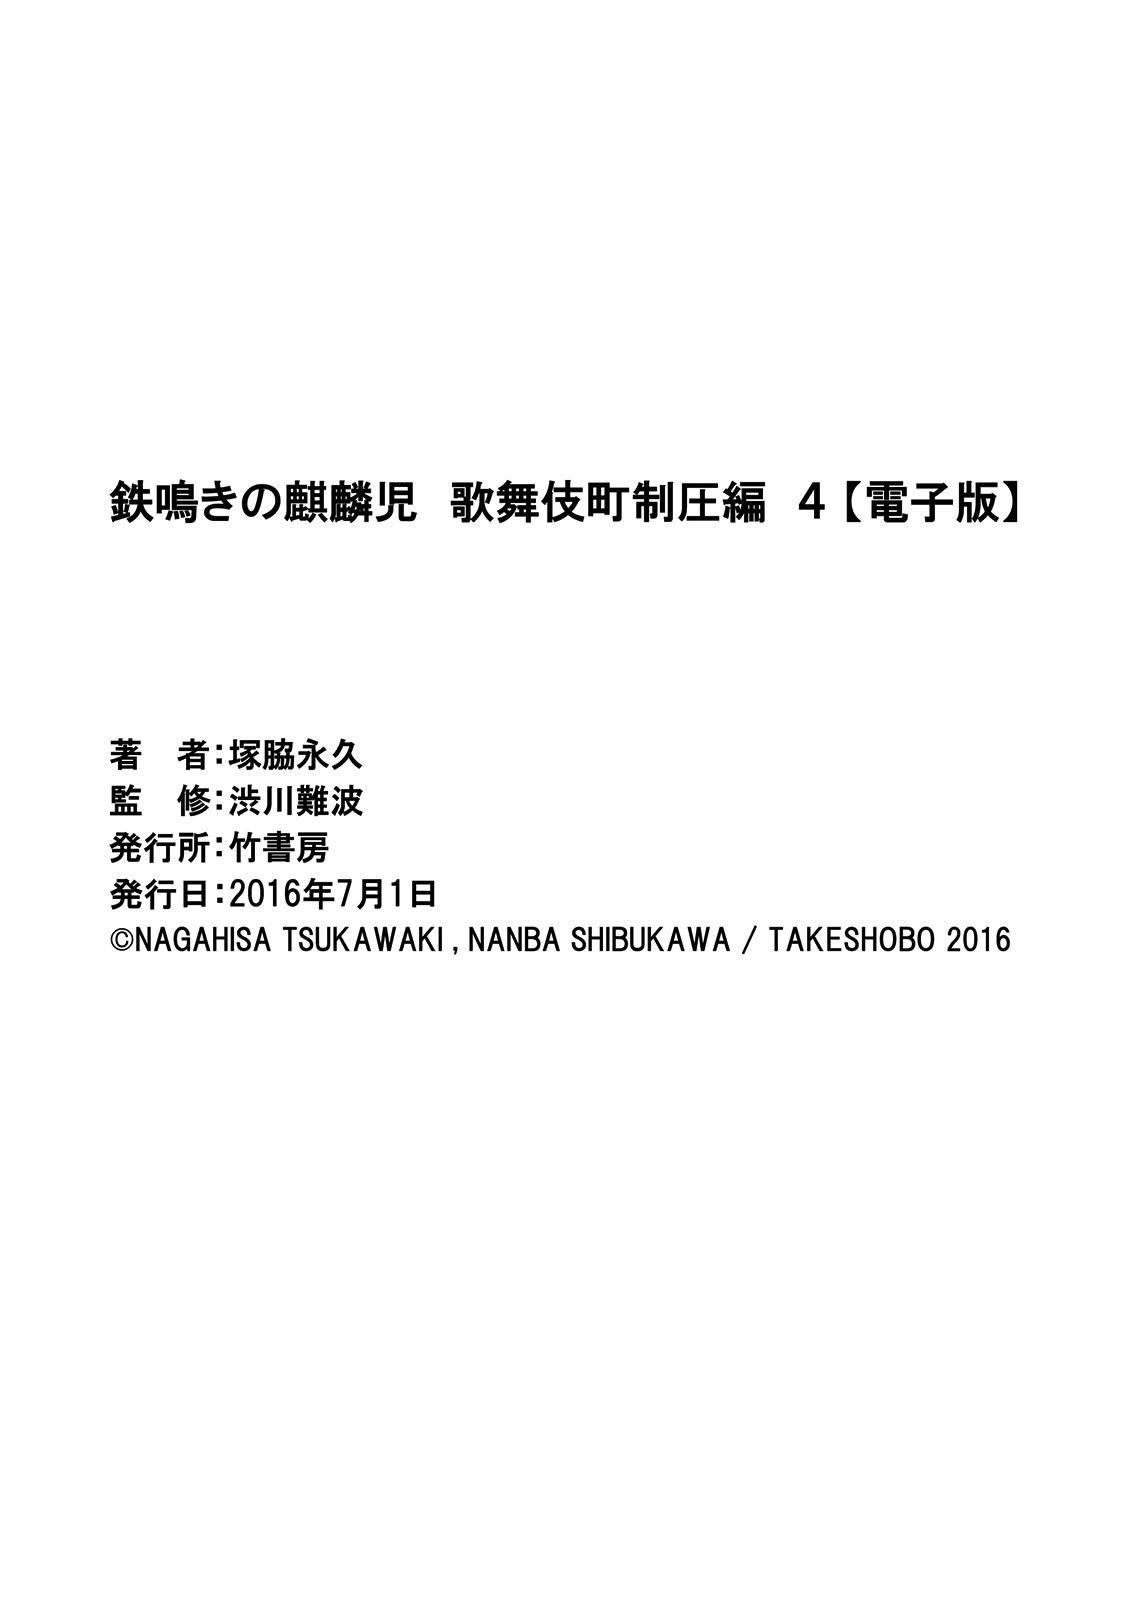 Tetsunaki no Kirinji - Kabukichou Seiatsu Hen - Chapter 40